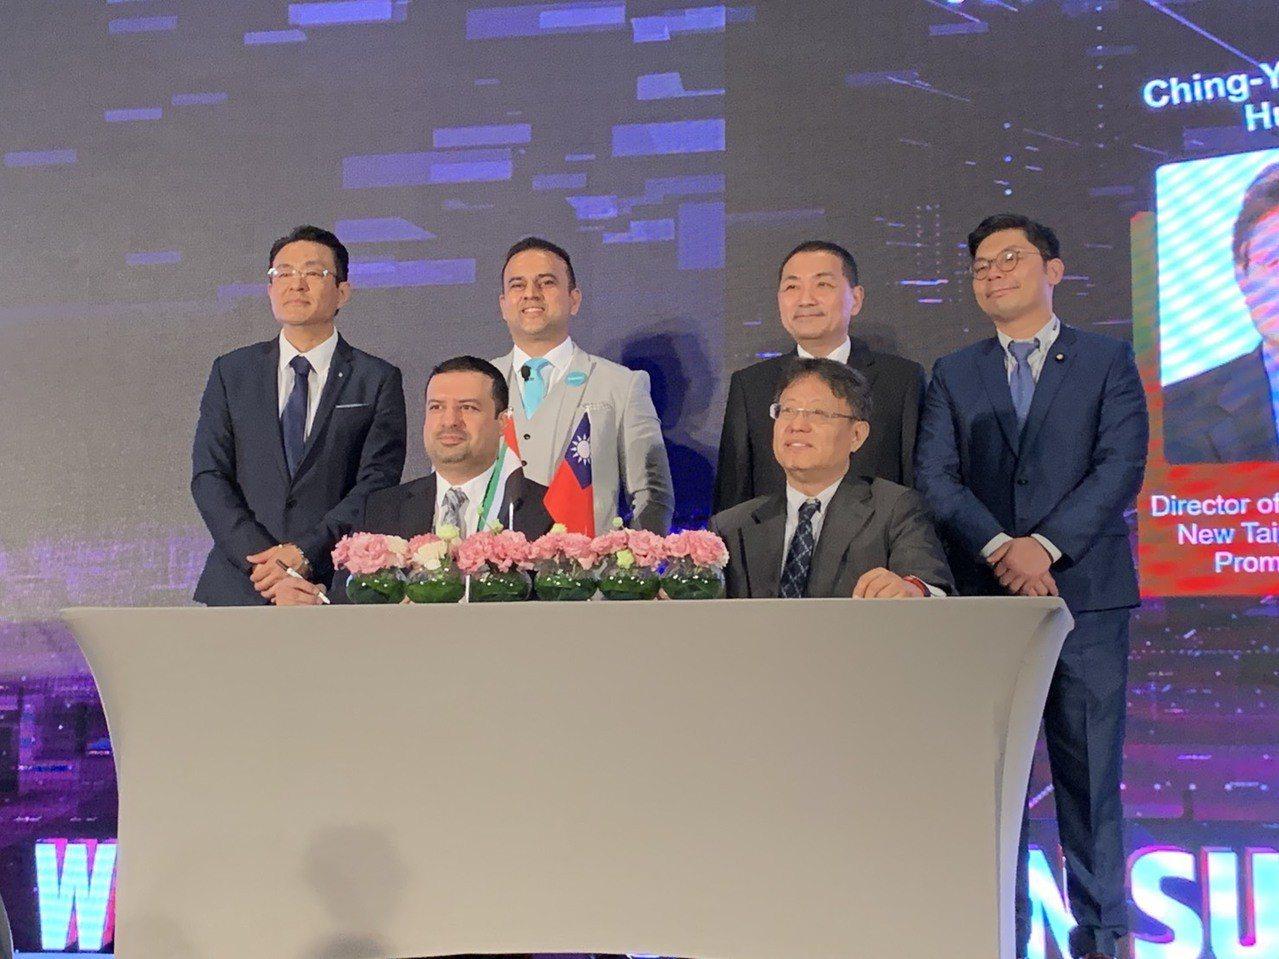 新北市創力坊暨新北市區塊鏈推動辦公室主任黃經堯(前右)今在世界區塊鏈高峰會,與杜...